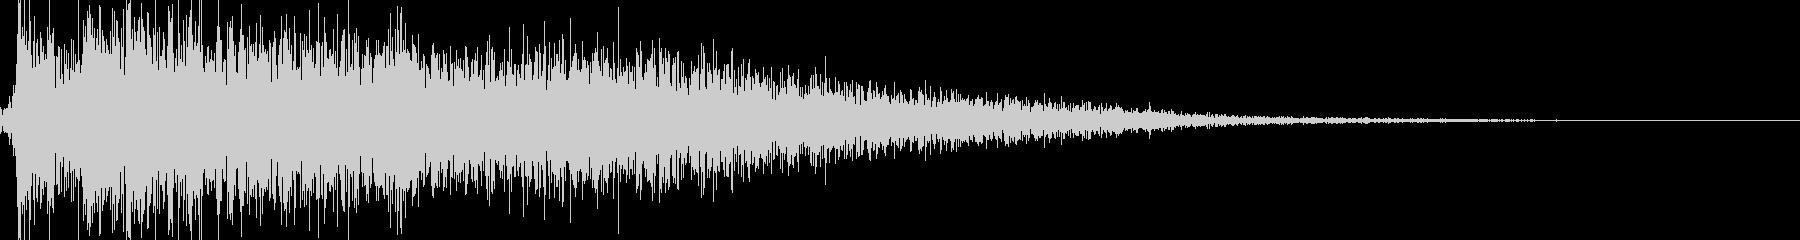 ロボット足音 タイプ8の未再生の波形